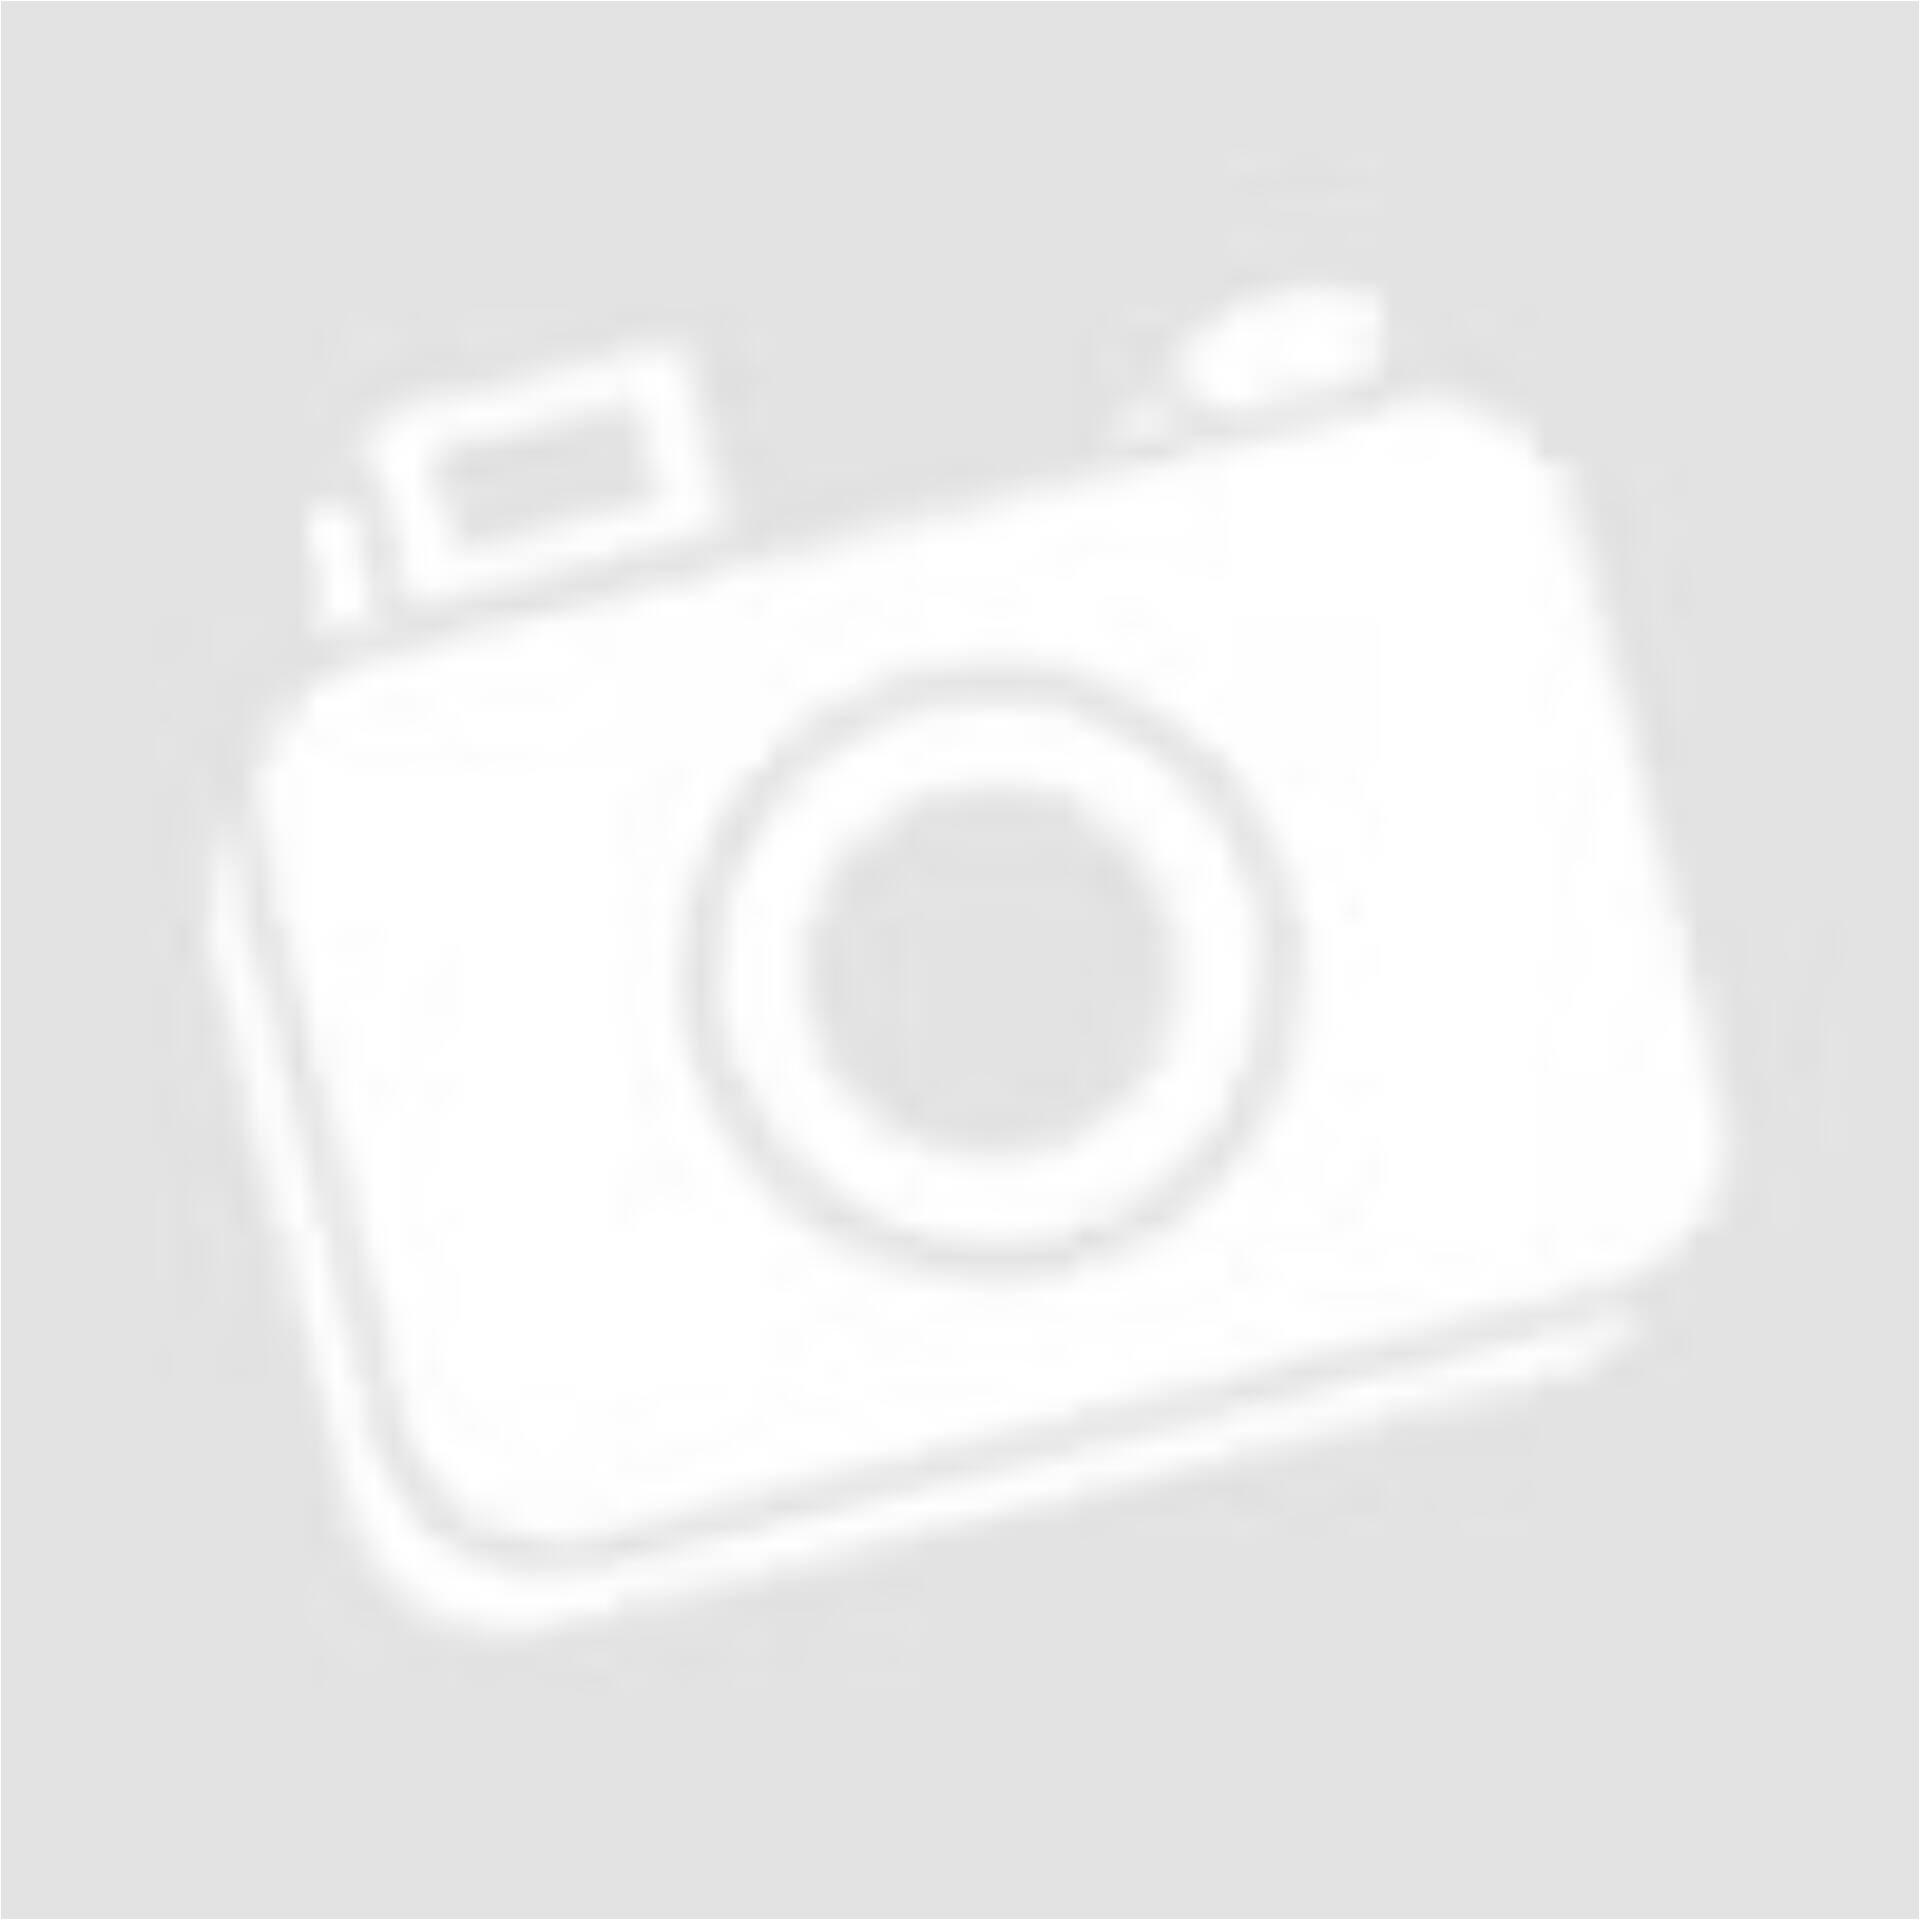 509c5c16f7 Tally Weijl koktél ruha (Méret: M) - Alkalmi ruha, kosztüm - Öltözz ...